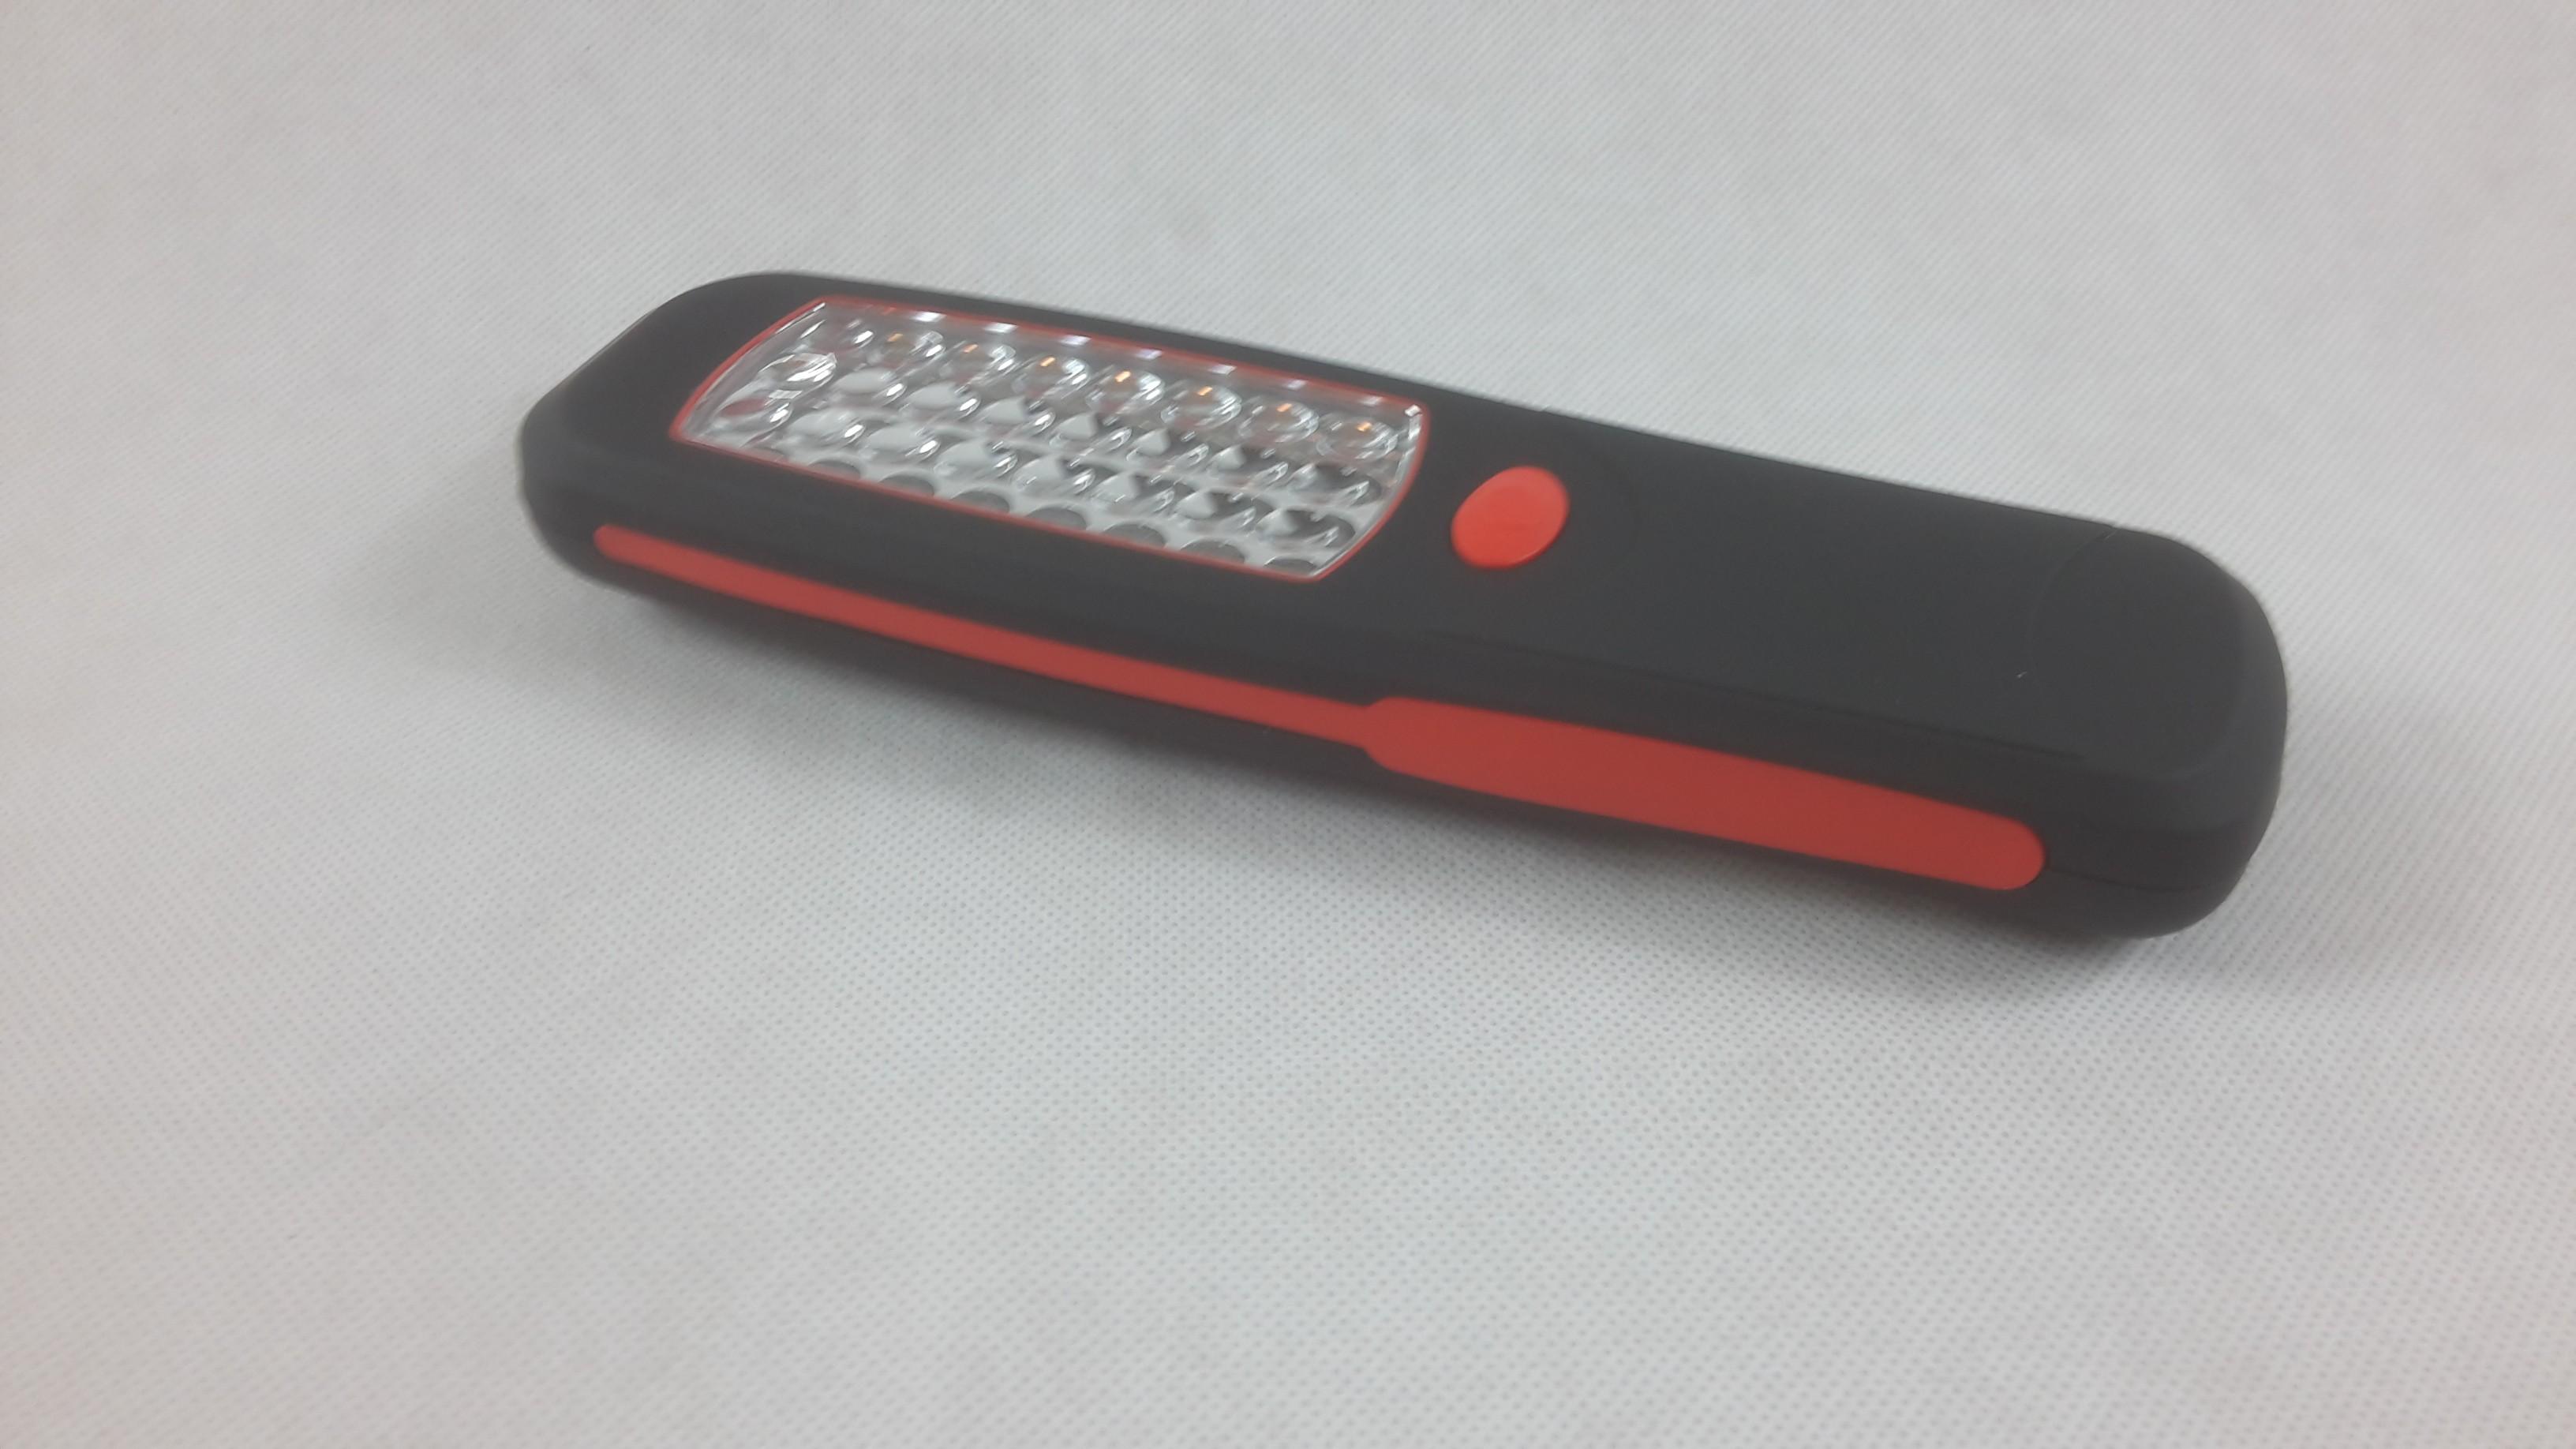 LED Magnet Taschenlampe   Nur Solange Vorrat reicht